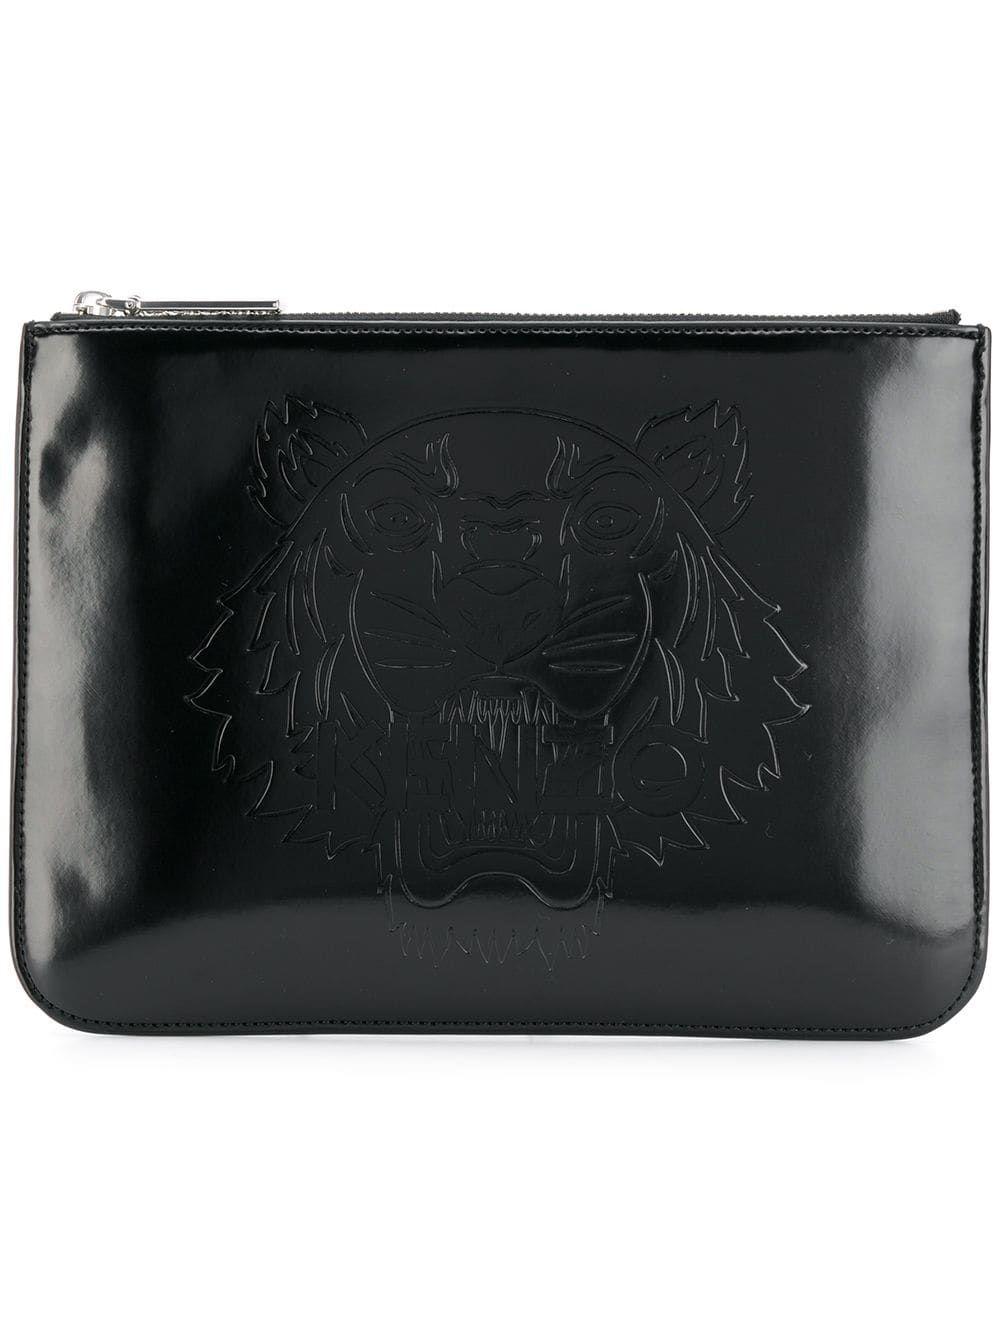 42a9badd7c Kenzo tiger logo clutch bag - Black   Products in 2019   Clutch bag ...